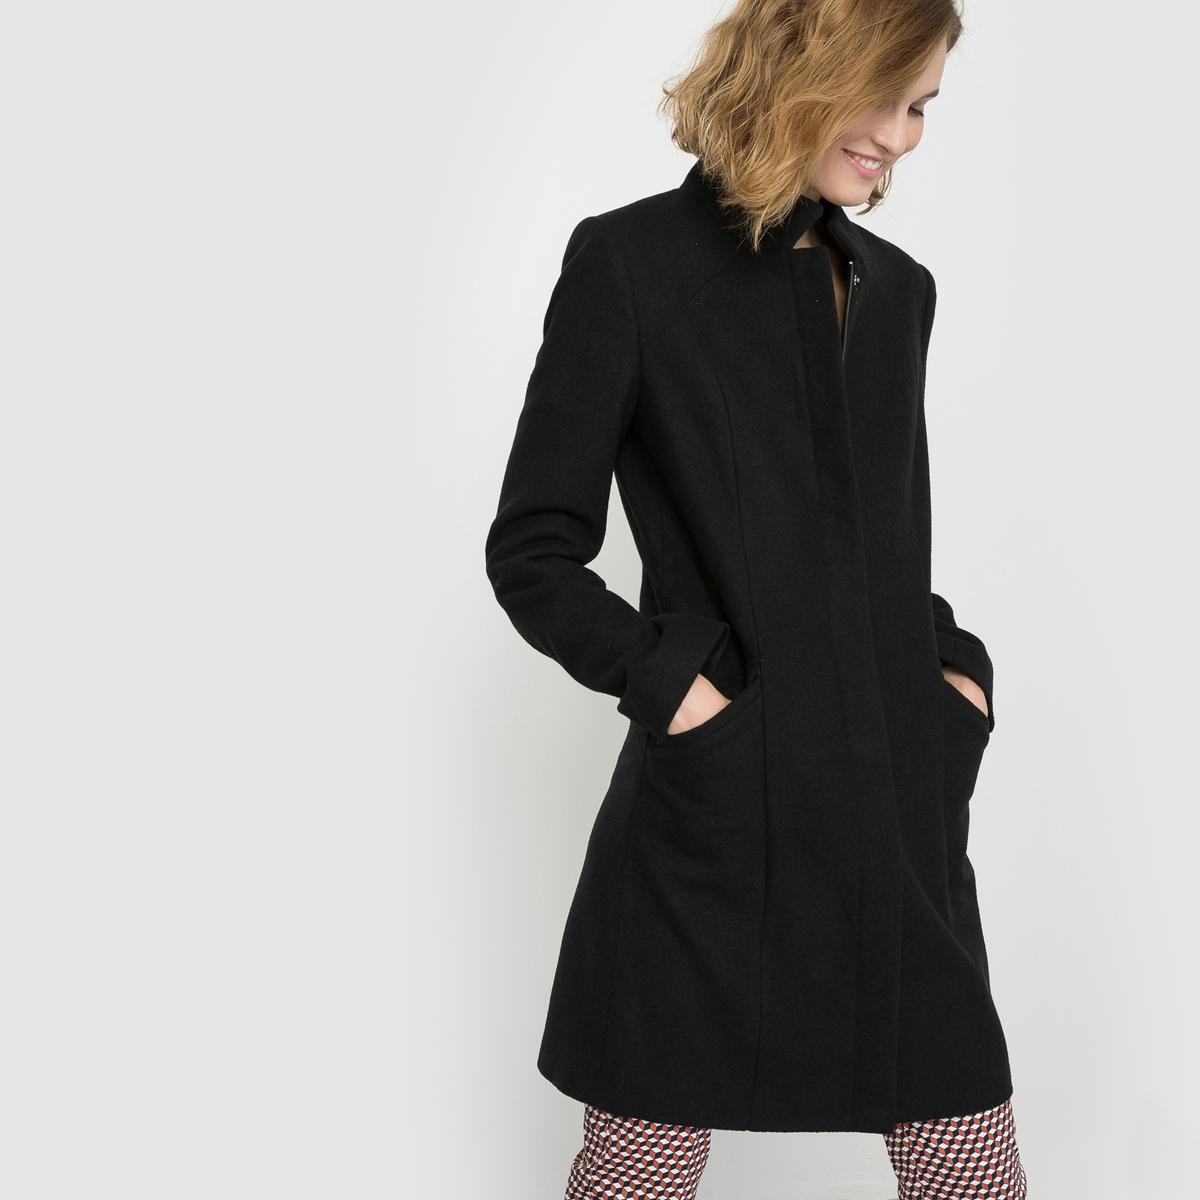 Пальто прямого покрояПальто прямого покроя. Высокий воротник. Супатная застежка на молнию и кнопки. Карманы по бокам. Состав и описаниеМатериал, черный цвет : 64% полиэстера, 30% шерсти, 3% вискозы, 2% акрила, 1% хлопка зеленый цвет  : 44% полиэстера, 34% шерсти, 13% вискозы, 4% полиамида, 3% хлопка, 2% акрила. синий цвет  : 61% полиэстера, 32% шерсти, 3% акрила, 3% полиамида, 1% вискозы Подкладка    100% полиэстерДлина    92 смМарка       R ?dition УходСухая чистка - Не отбеливать - Не гладить -Барабанная сушка запрещена<br><br>Цвет: черный